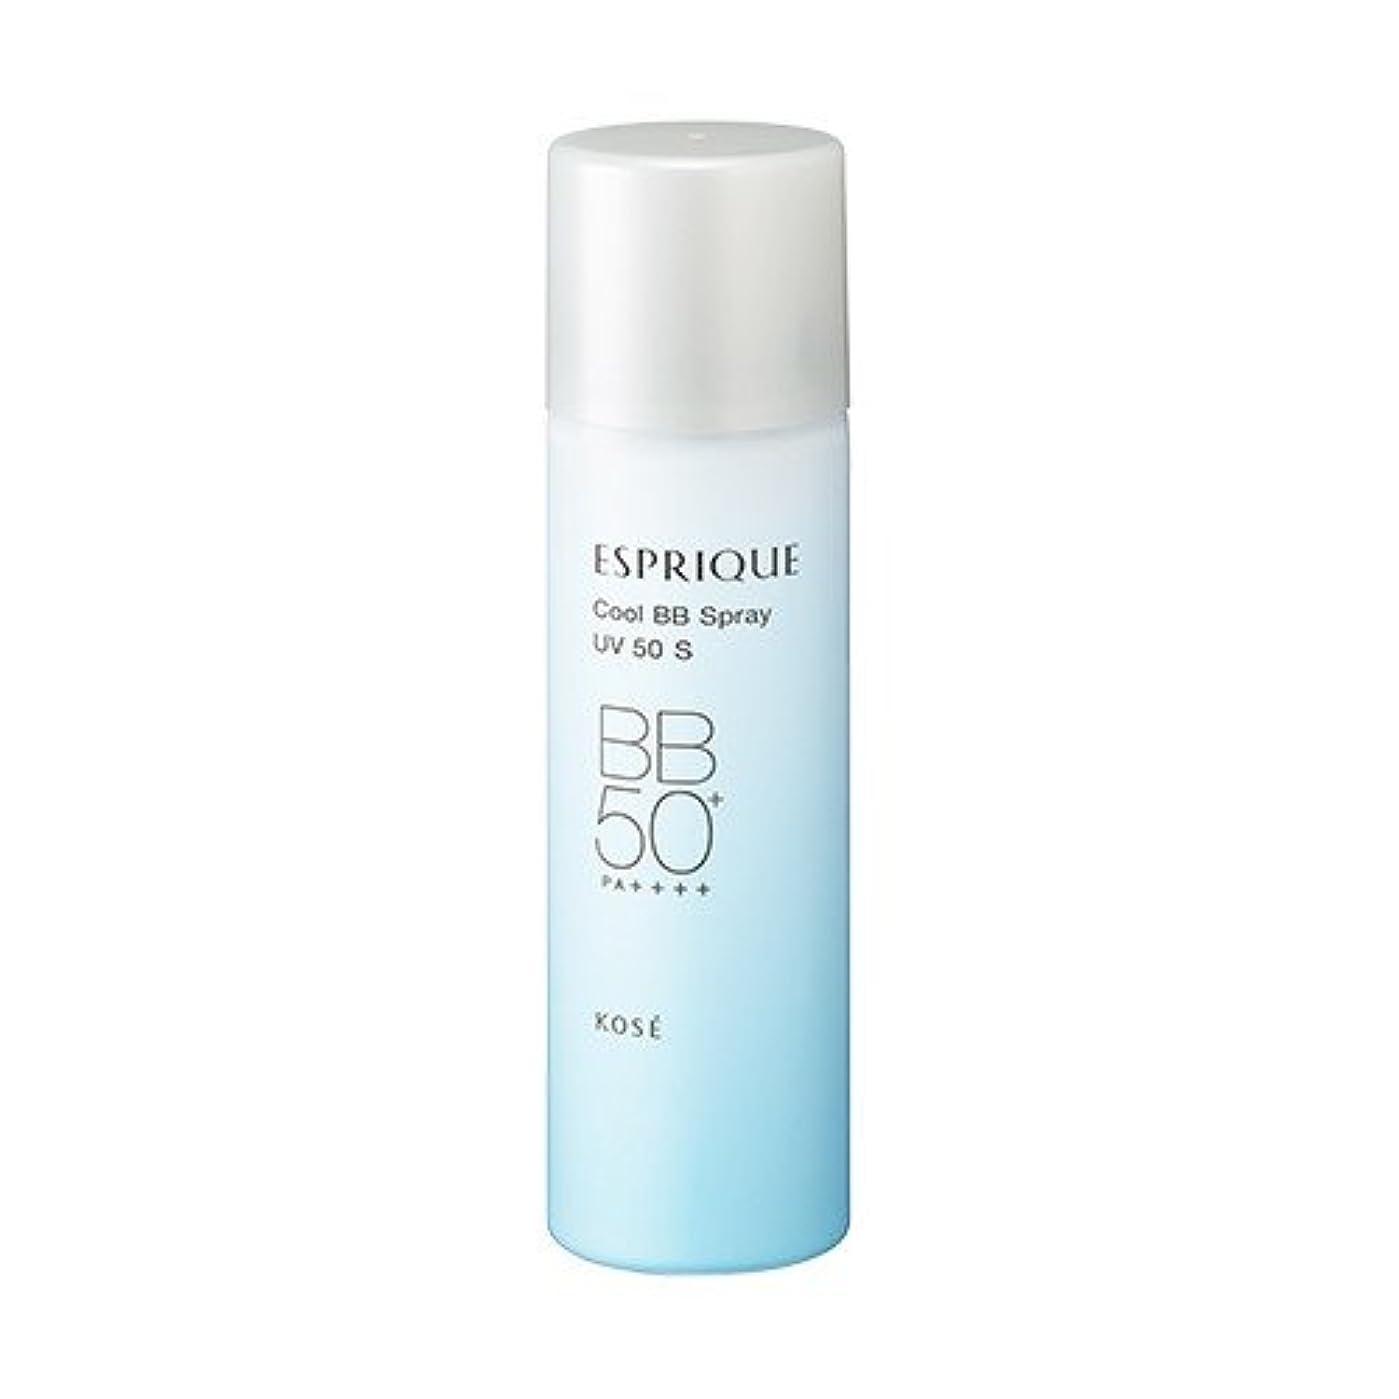 無駄なバリケード物足りないコーセー エスプリーク ひんやりタッチ BBスプレー UV 50 S 35g #02 標準的な肌色